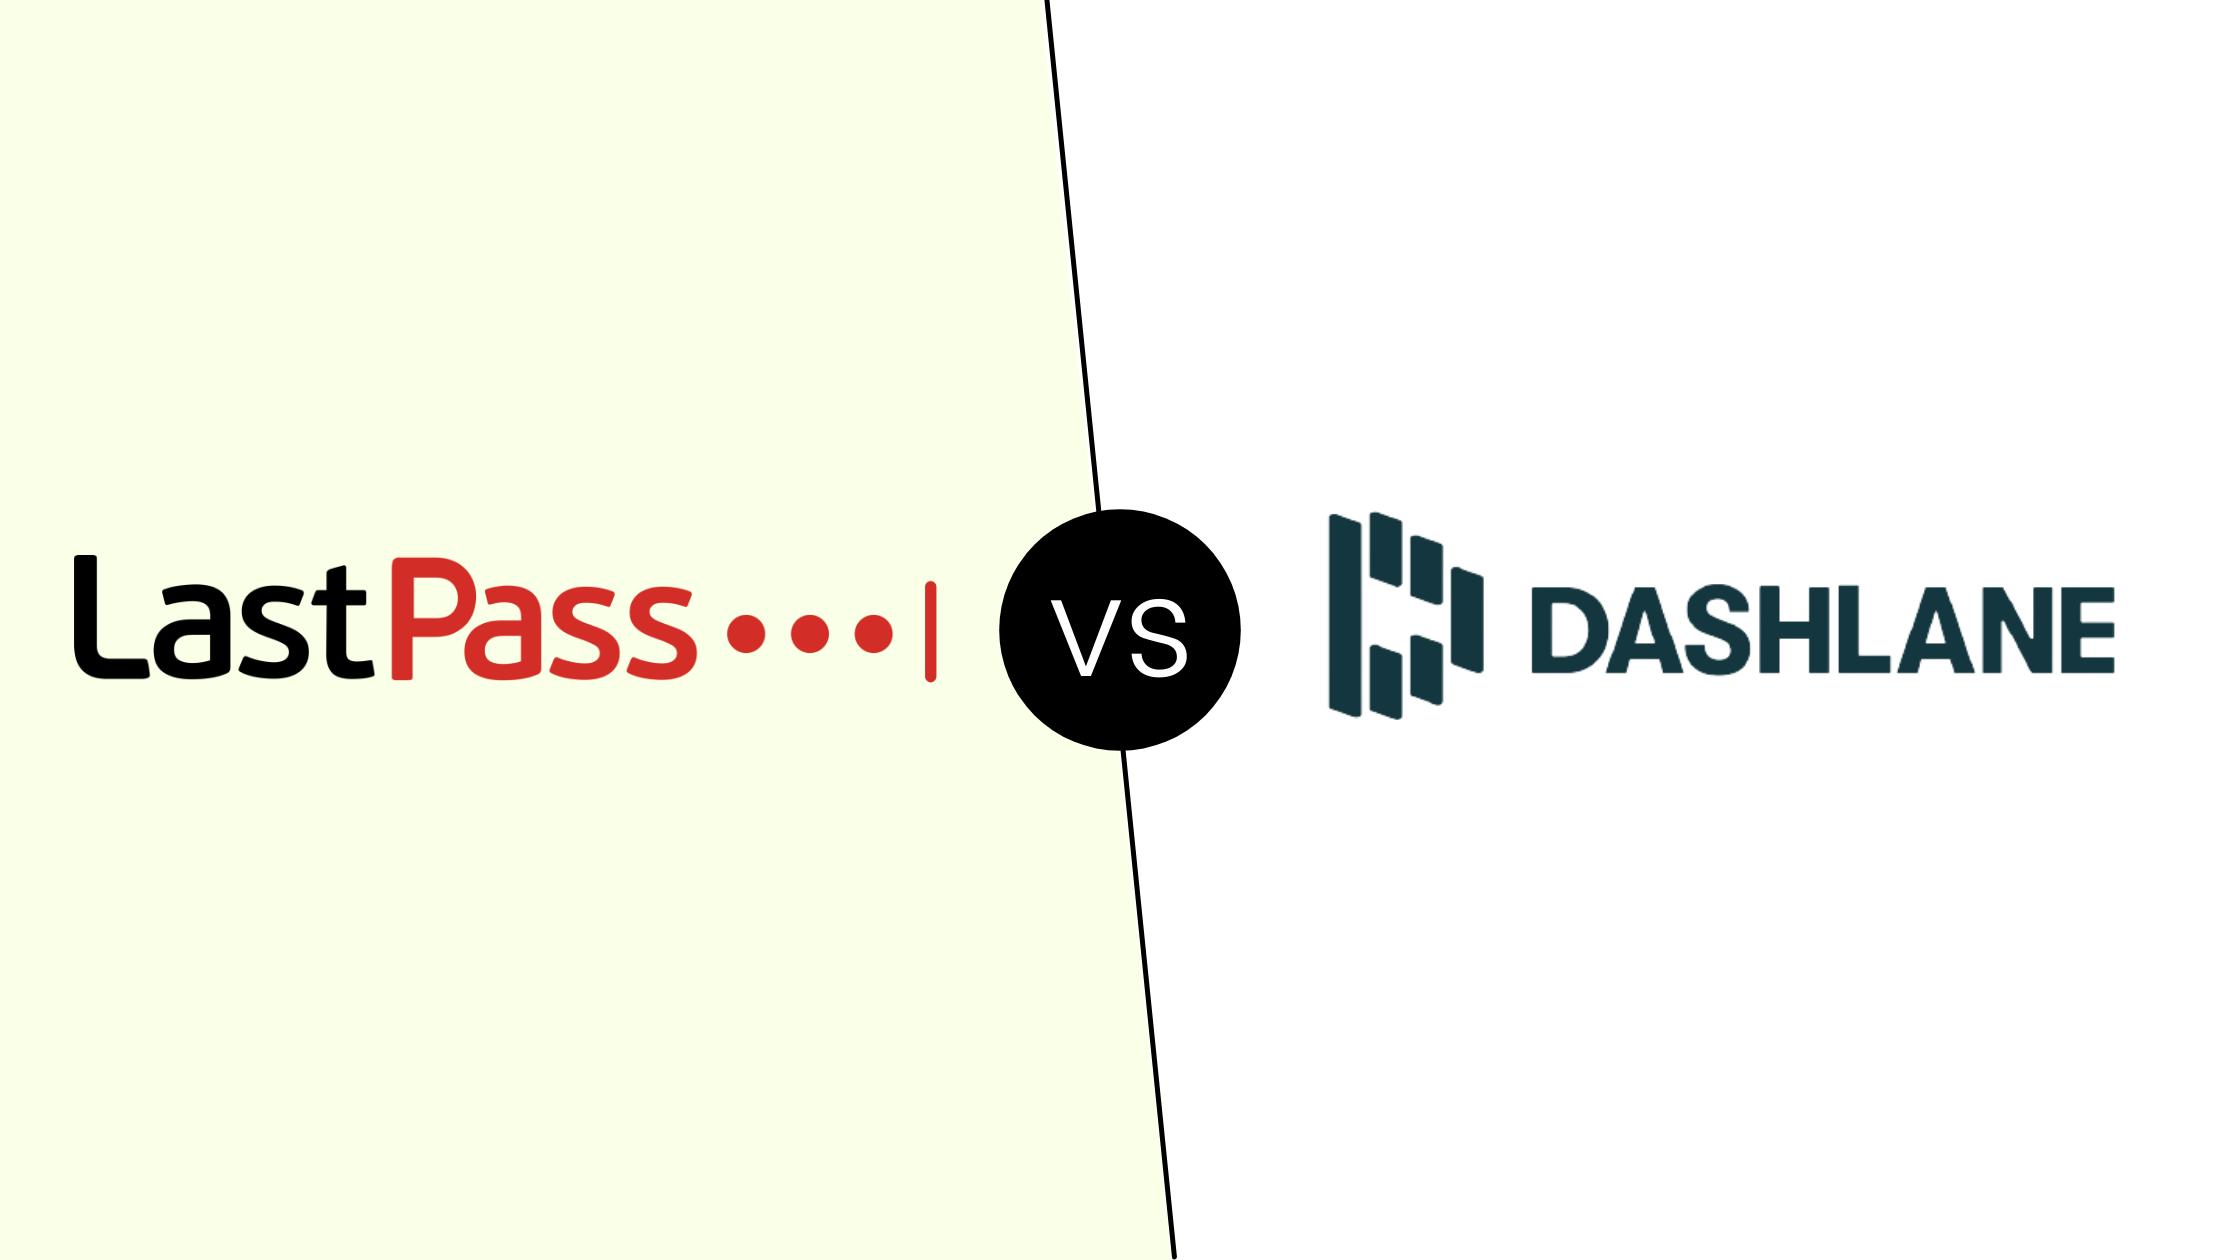 LastPass vs Dashlane